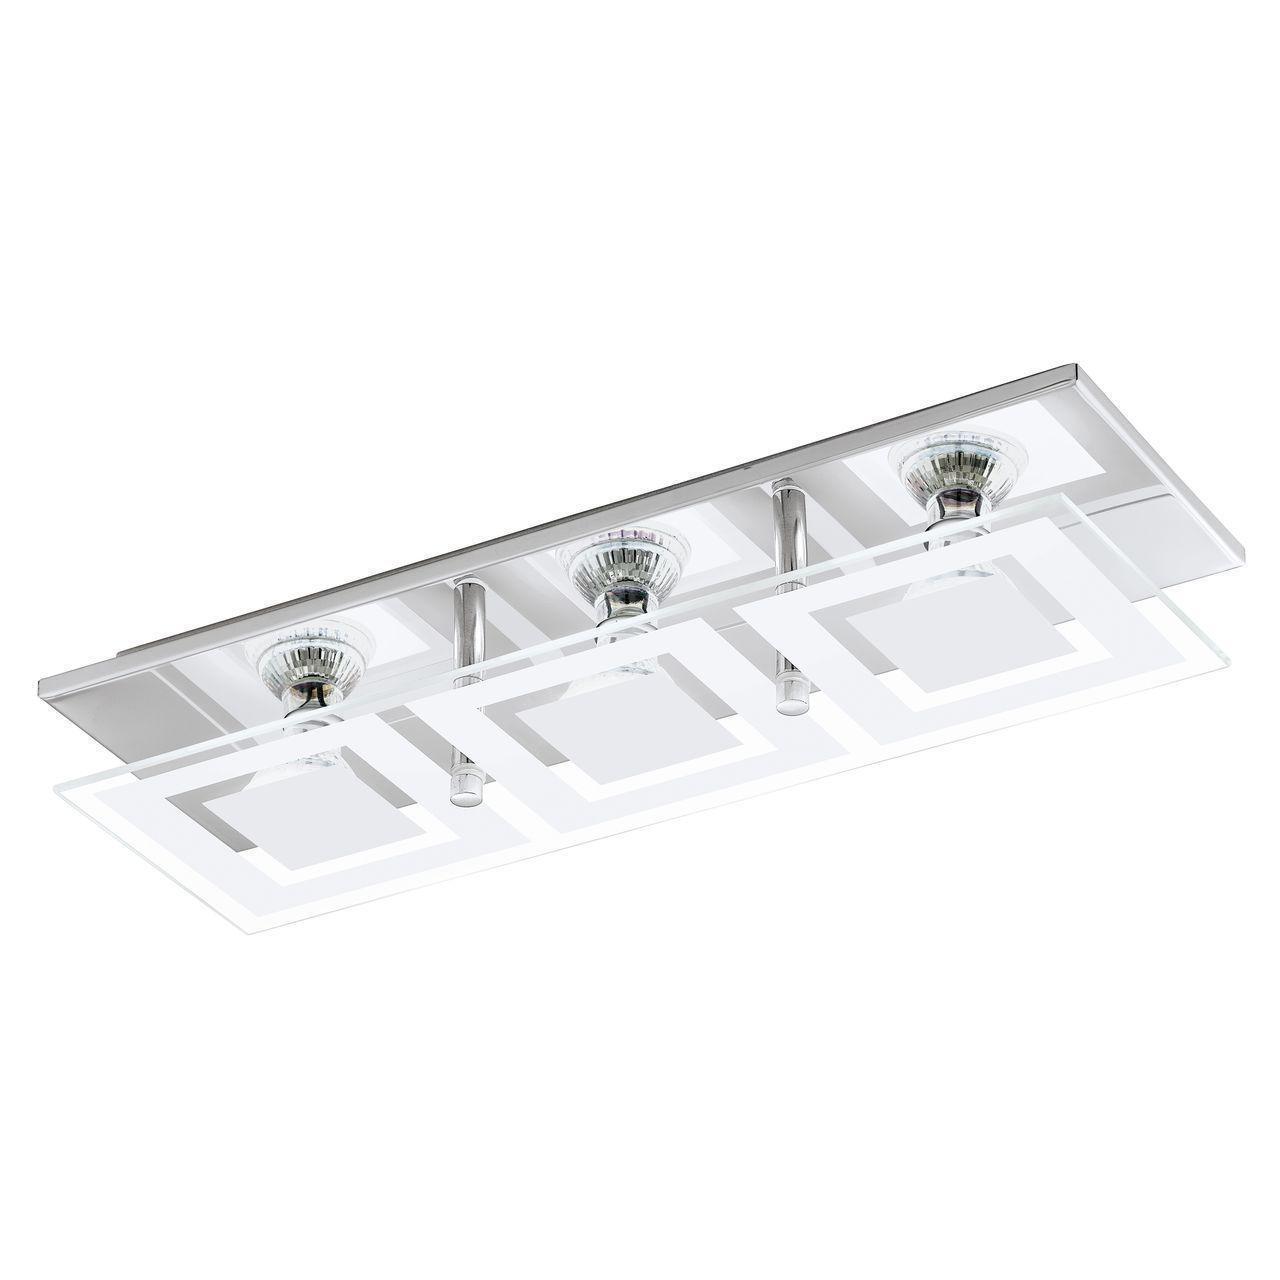 Потолочный светильник Eglo Almana 94225 потолочный светильник eglo almana 94227